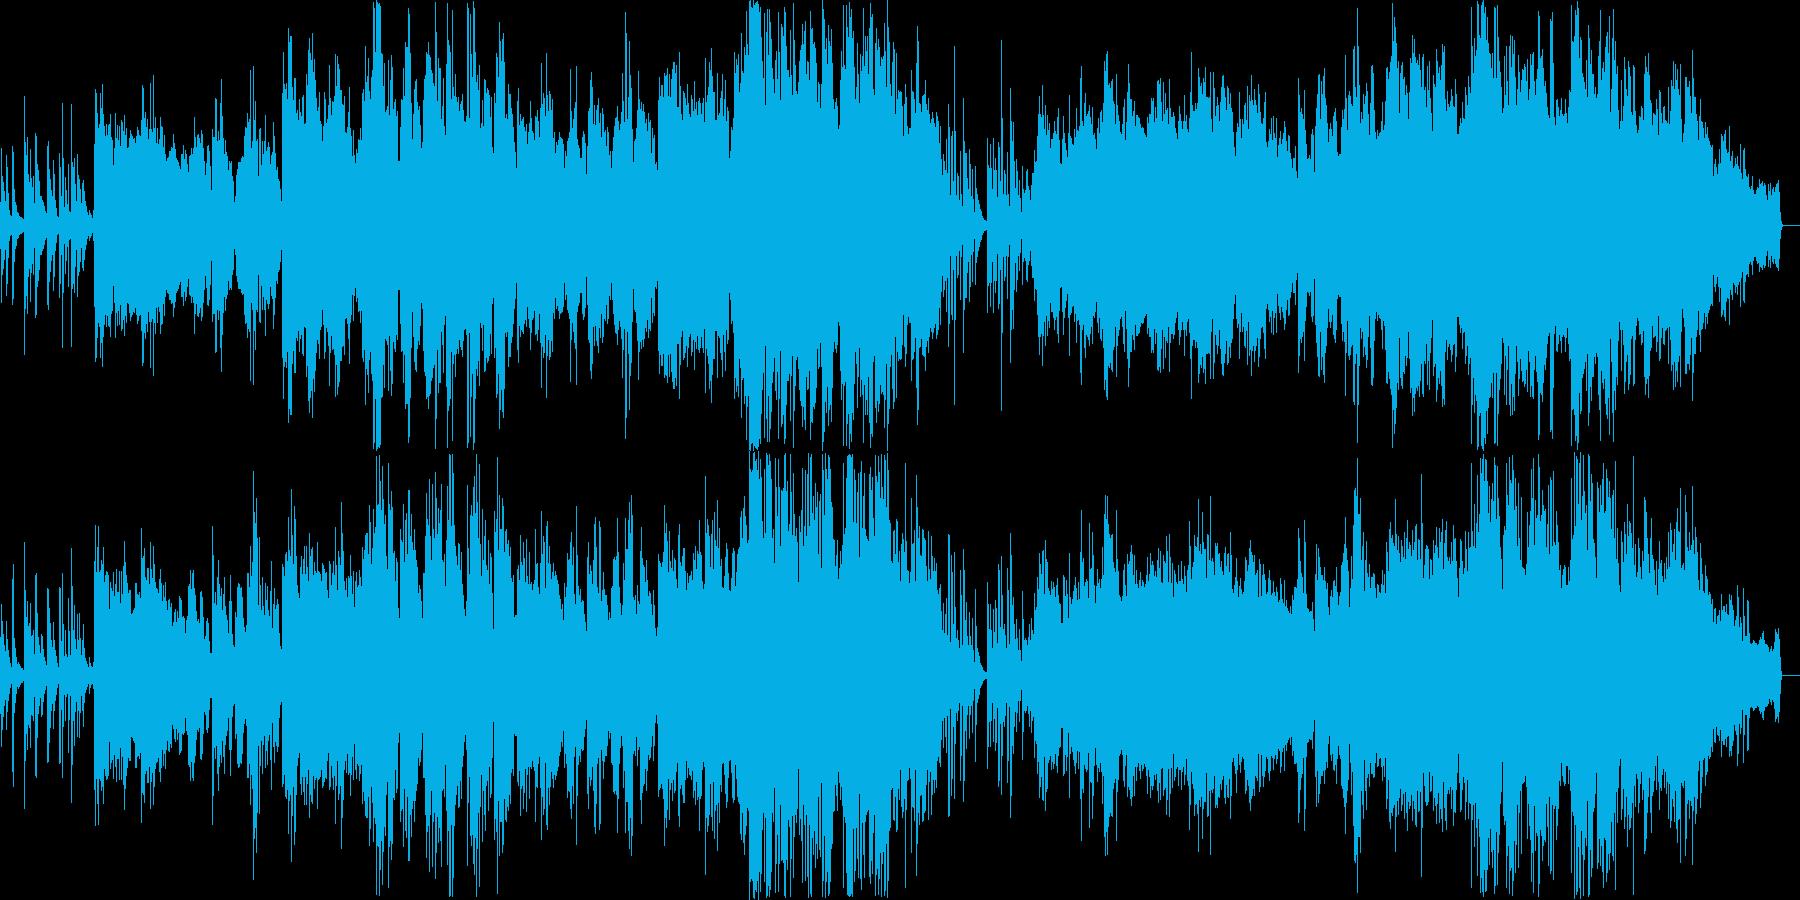 オリエンタルな雰囲気のバラードの再生済みの波形